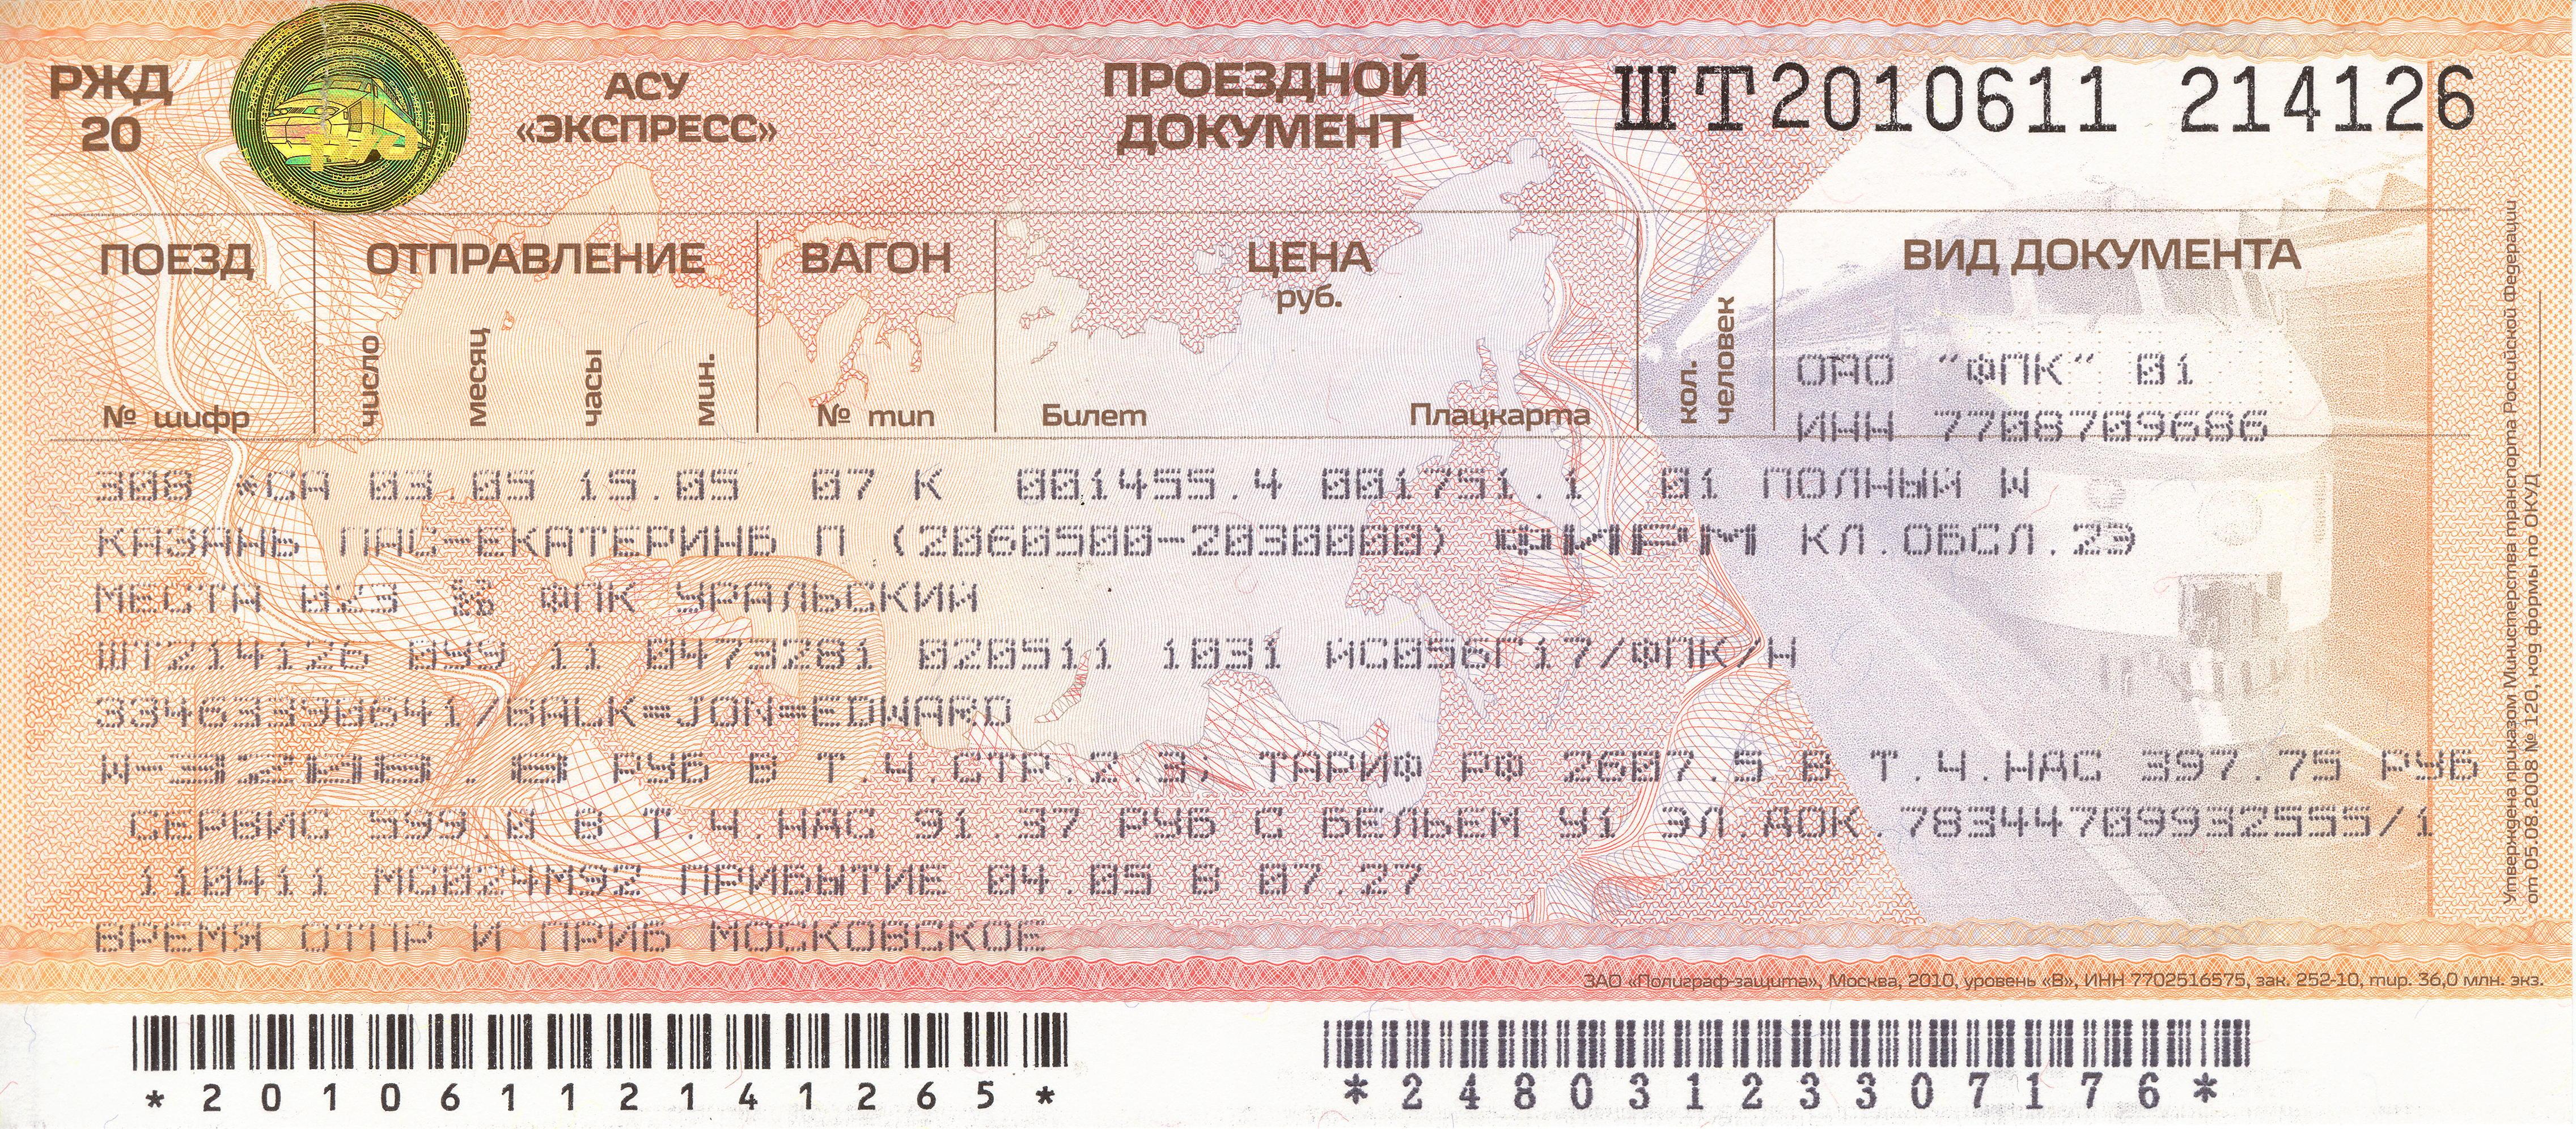 сколько стоит жд билет спб калининград